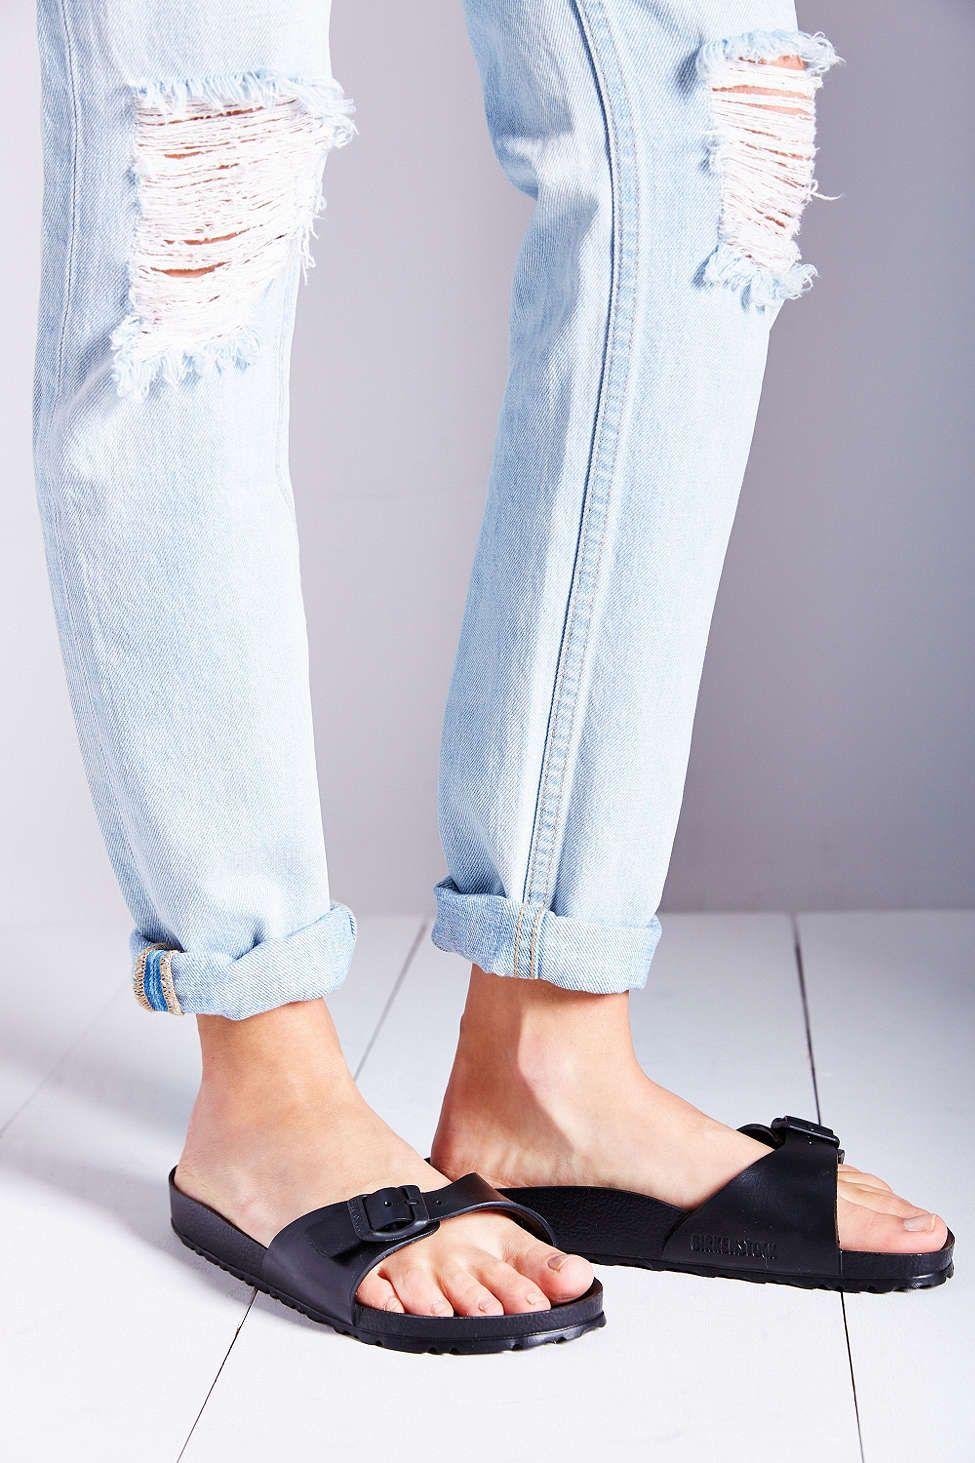 ba99da6a683 Birkenstock Madrid EVA Slide Sandal